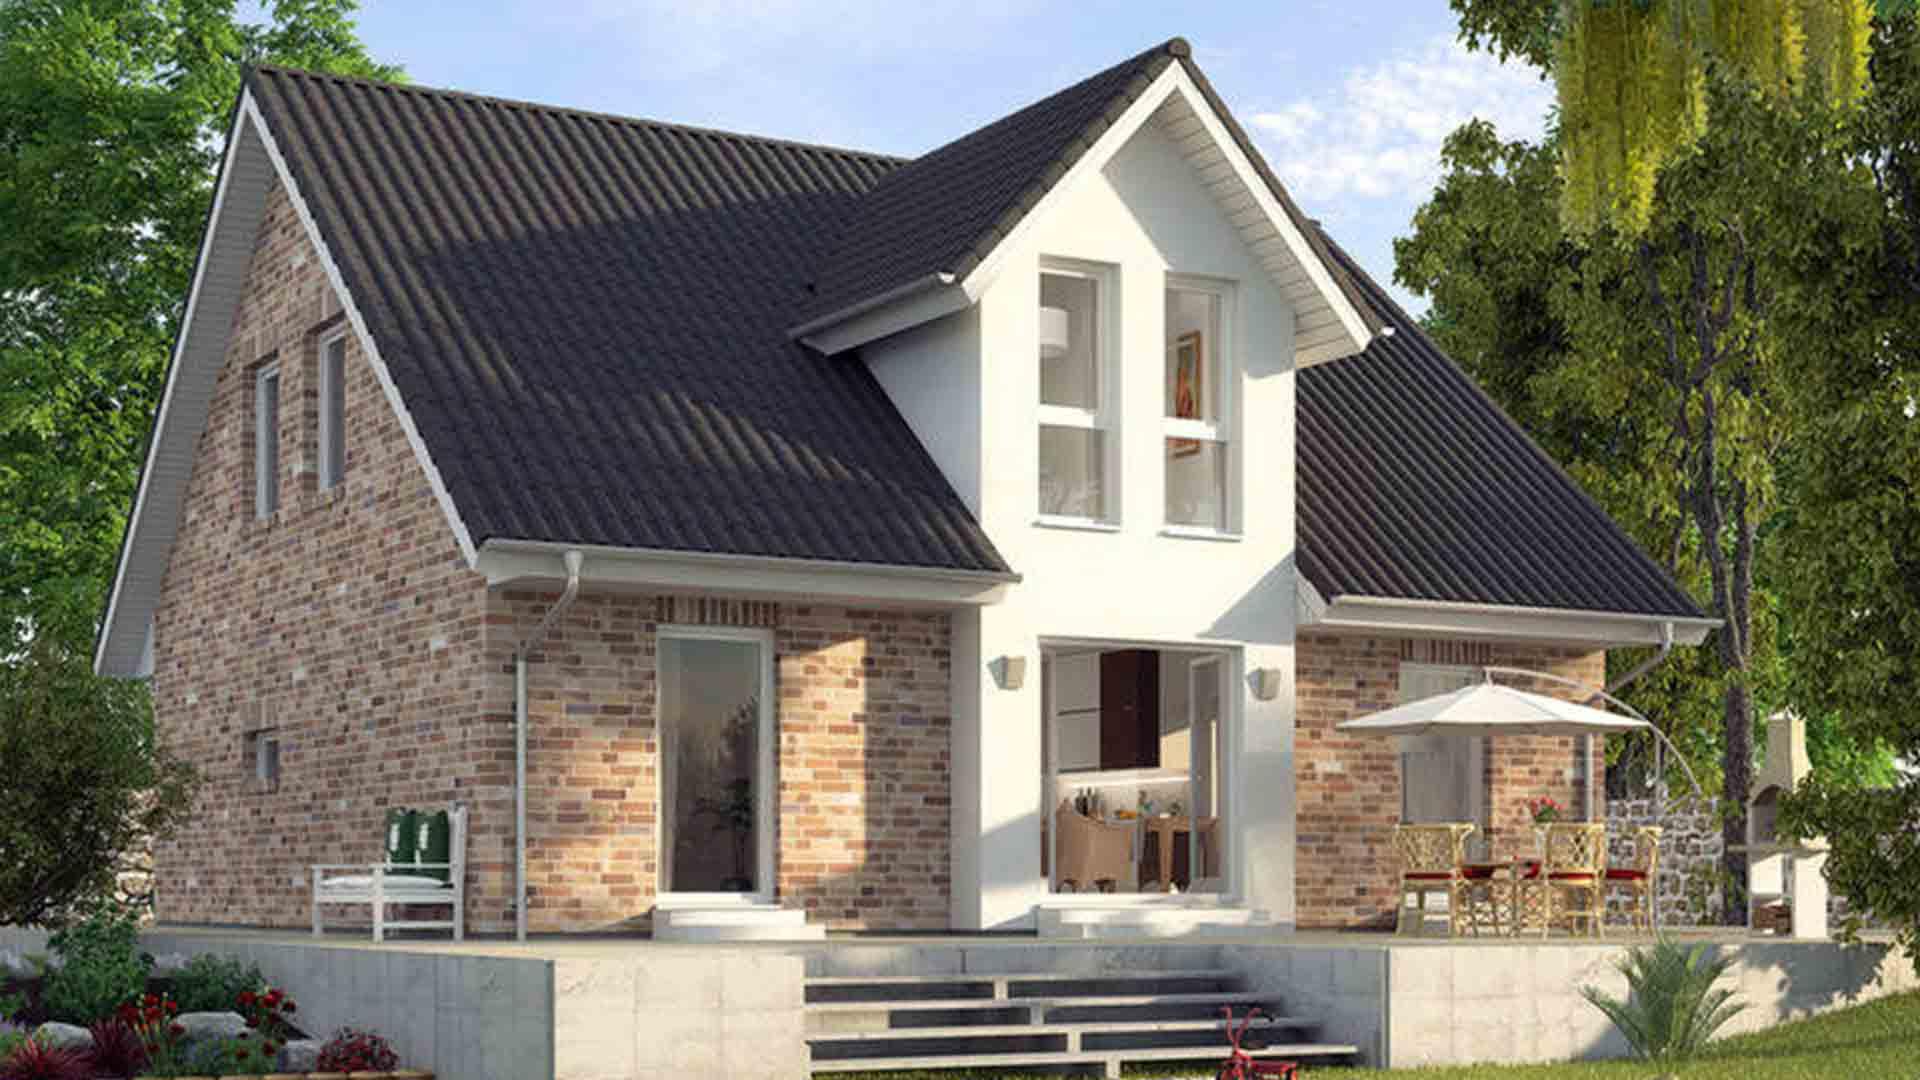 kapit nshaus bauen h user anbieter preise vergleichen. Black Bedroom Furniture Sets. Home Design Ideas